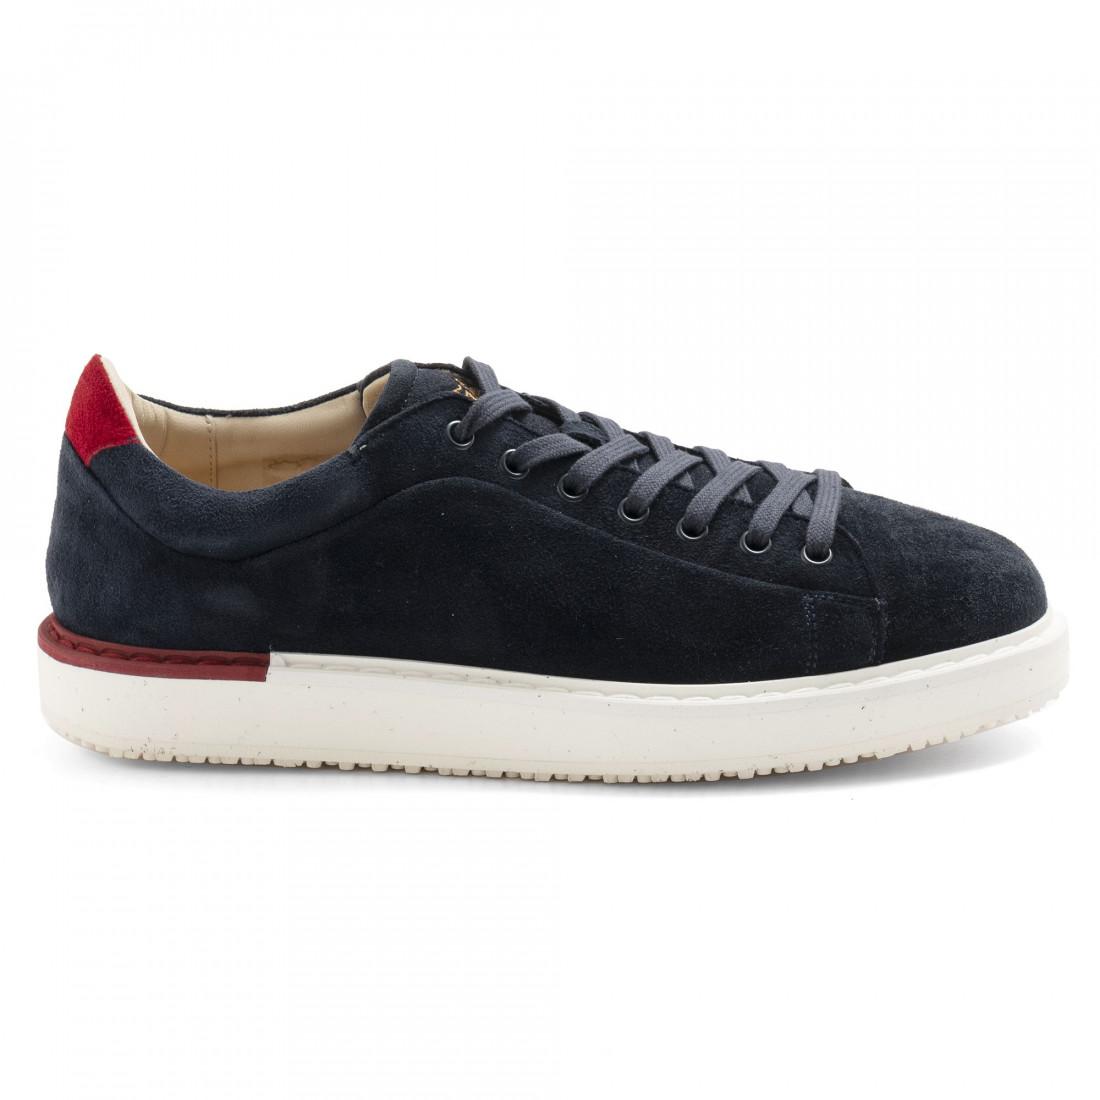 sneakers uomo fabi fu9326b04wimcrog76 6804